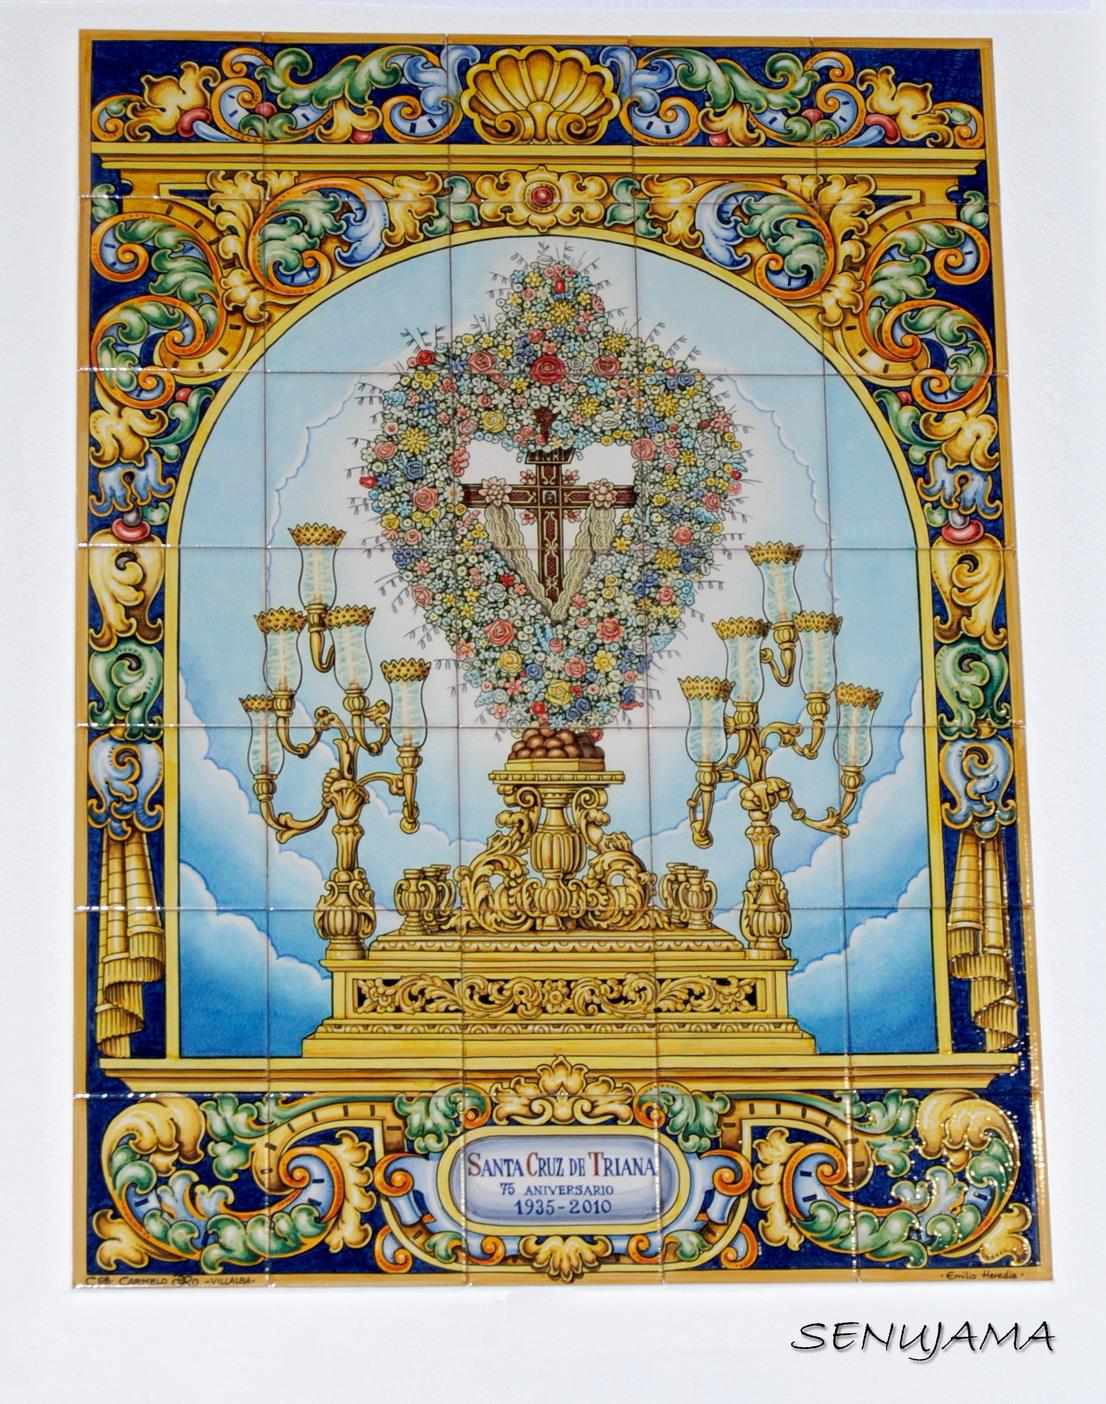 cruces de mayo bonares